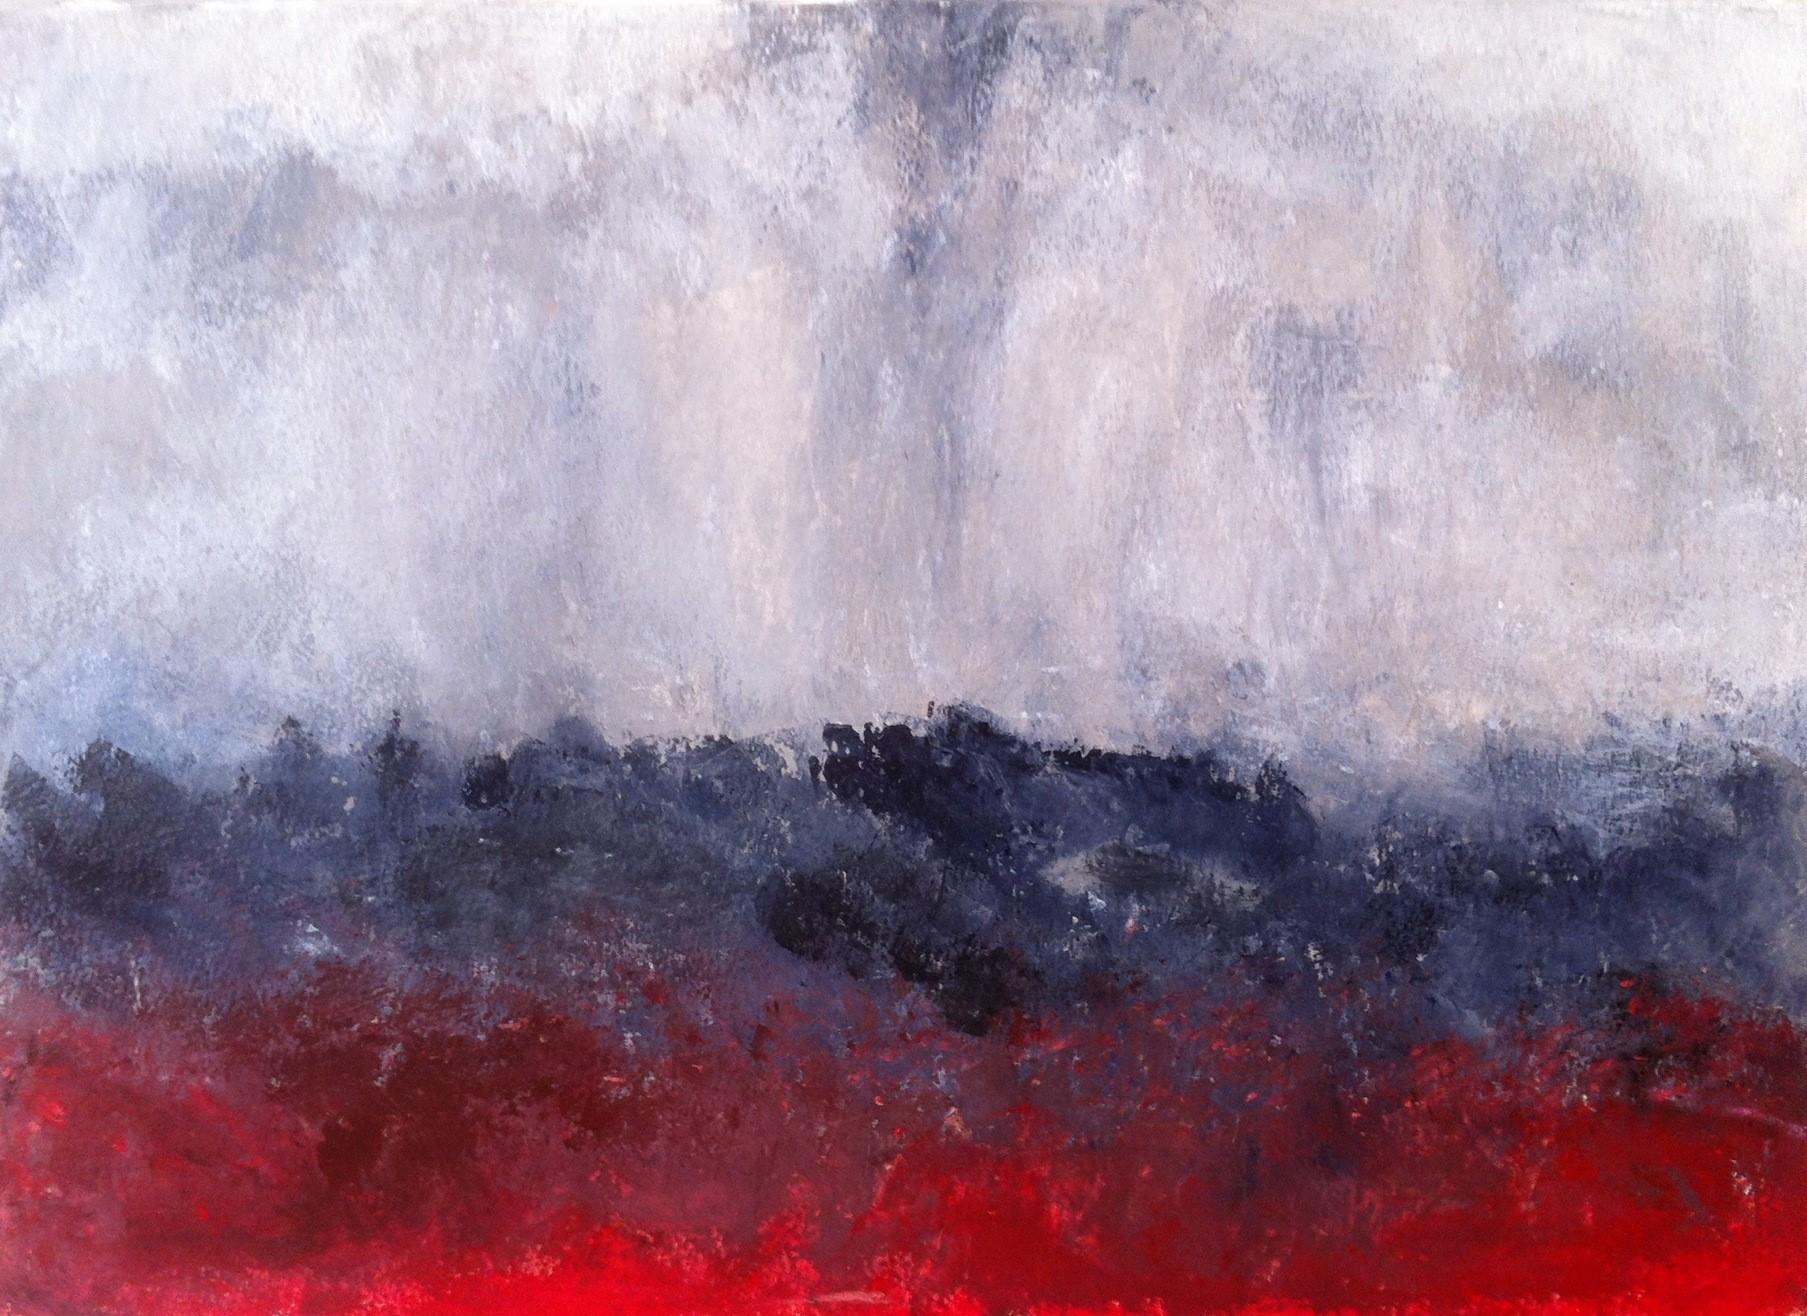 N°745 - Terre en feu - Acrylique sur papier - 39 x 53,5 cm - 23 octobre 2013